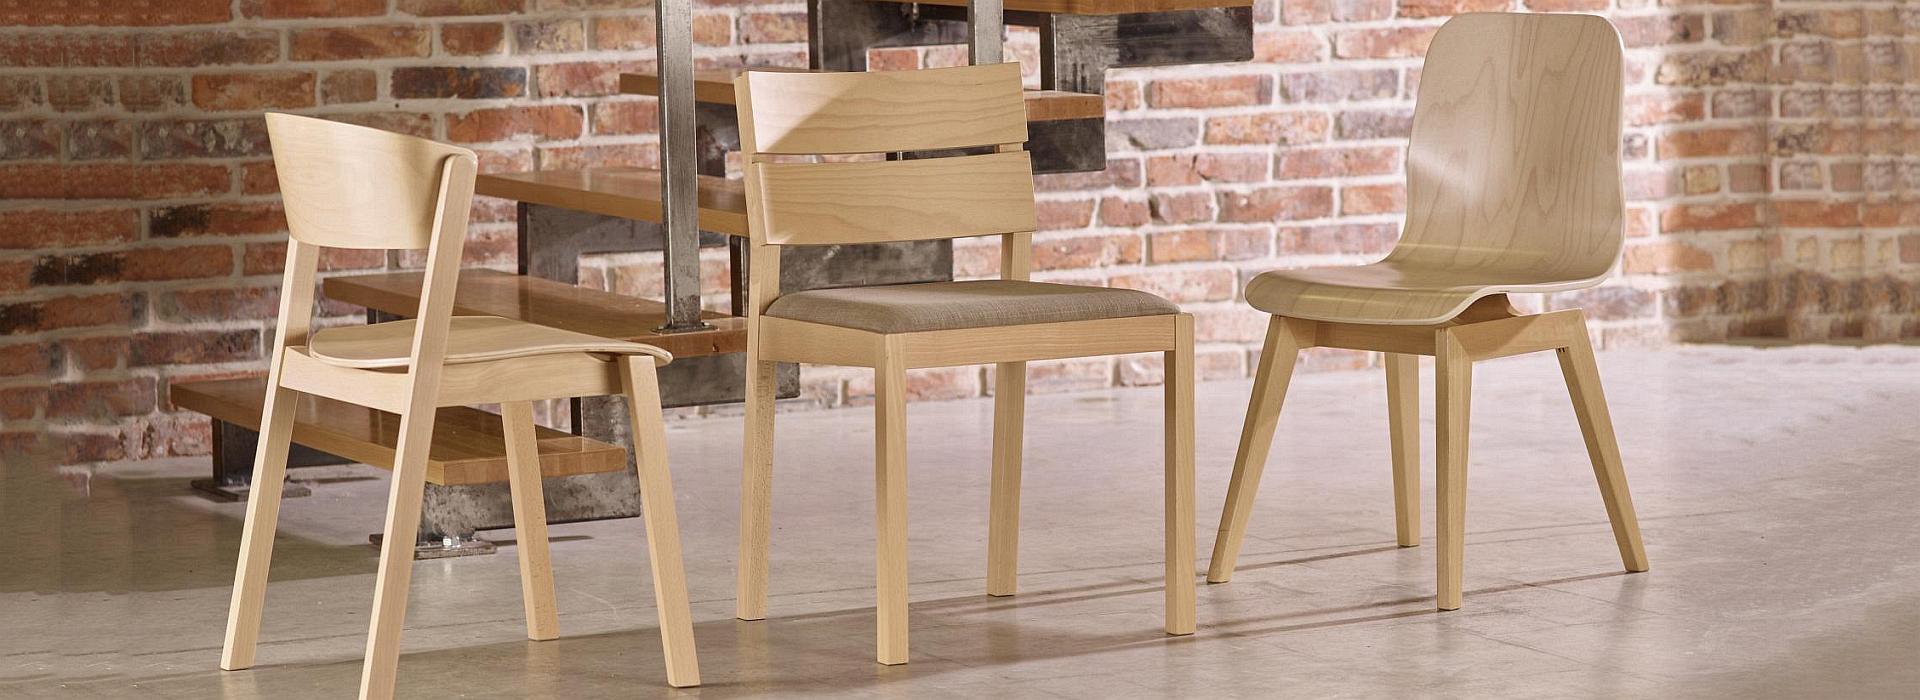 Krzesła Drewniane Nowoczesne: Cava / Rita / AS-1002